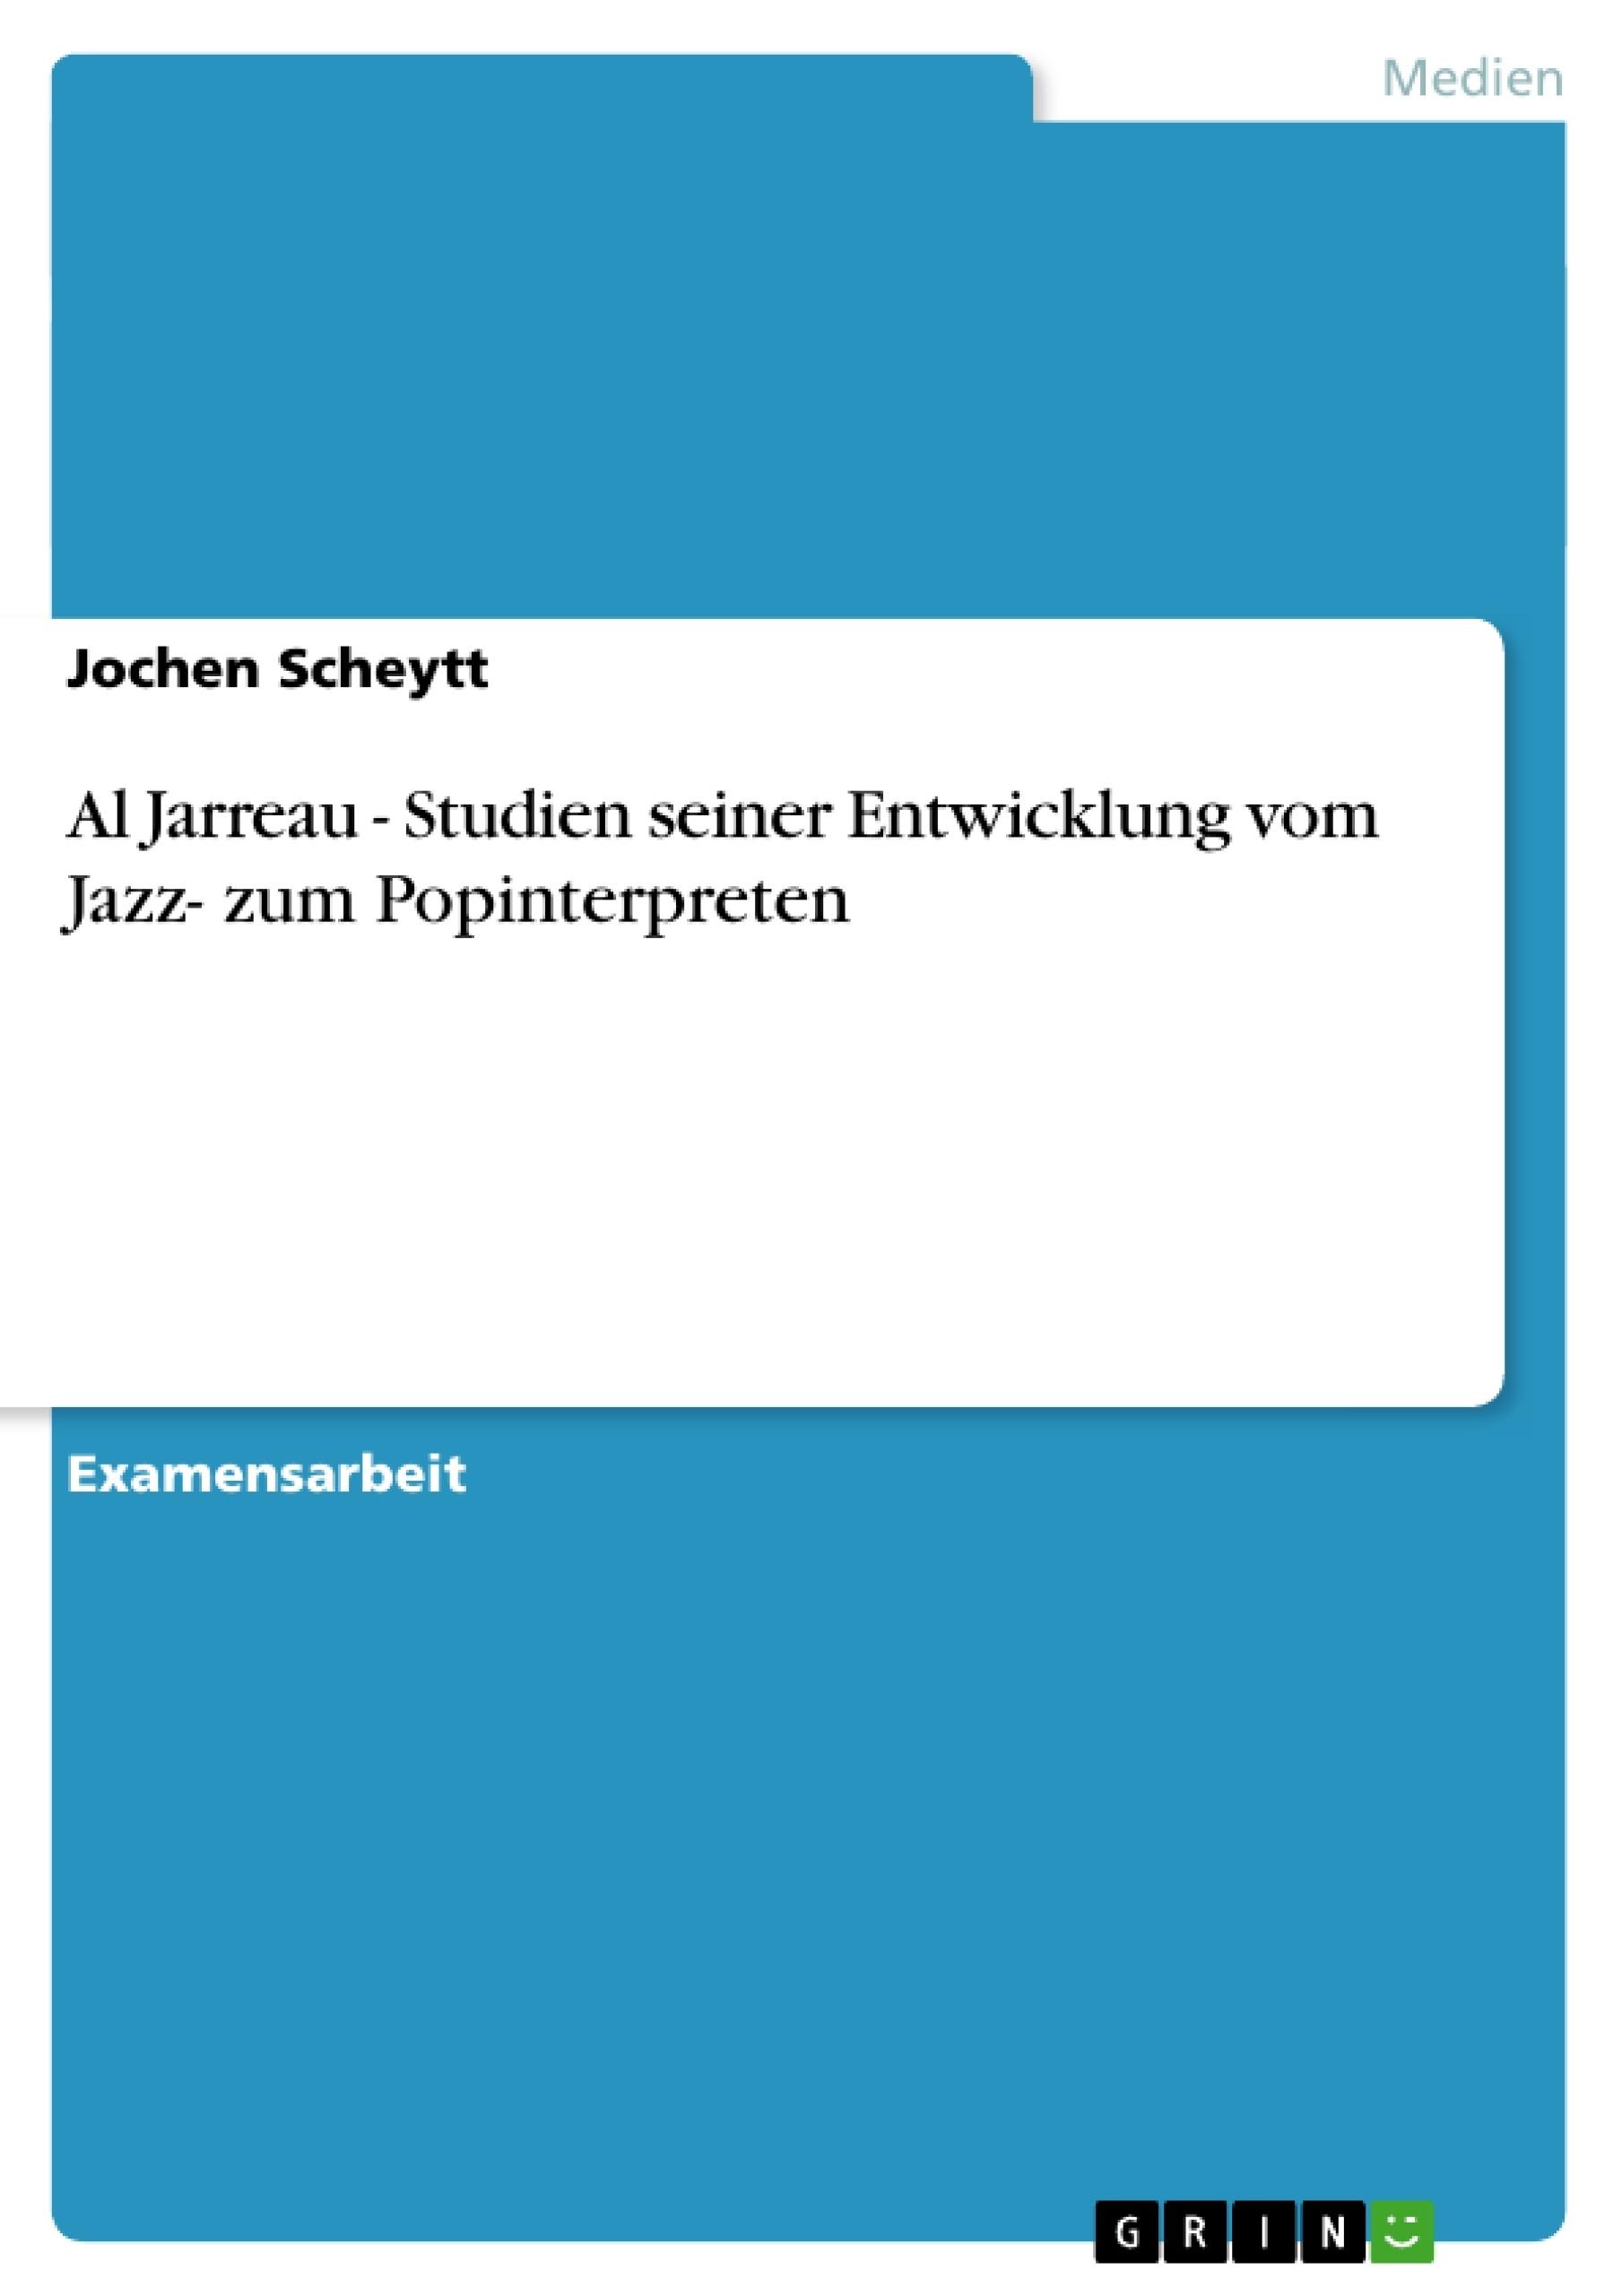 Titel: Al Jarreau - Studien seiner Entwicklung vom Jazz- zum Popinterpreten